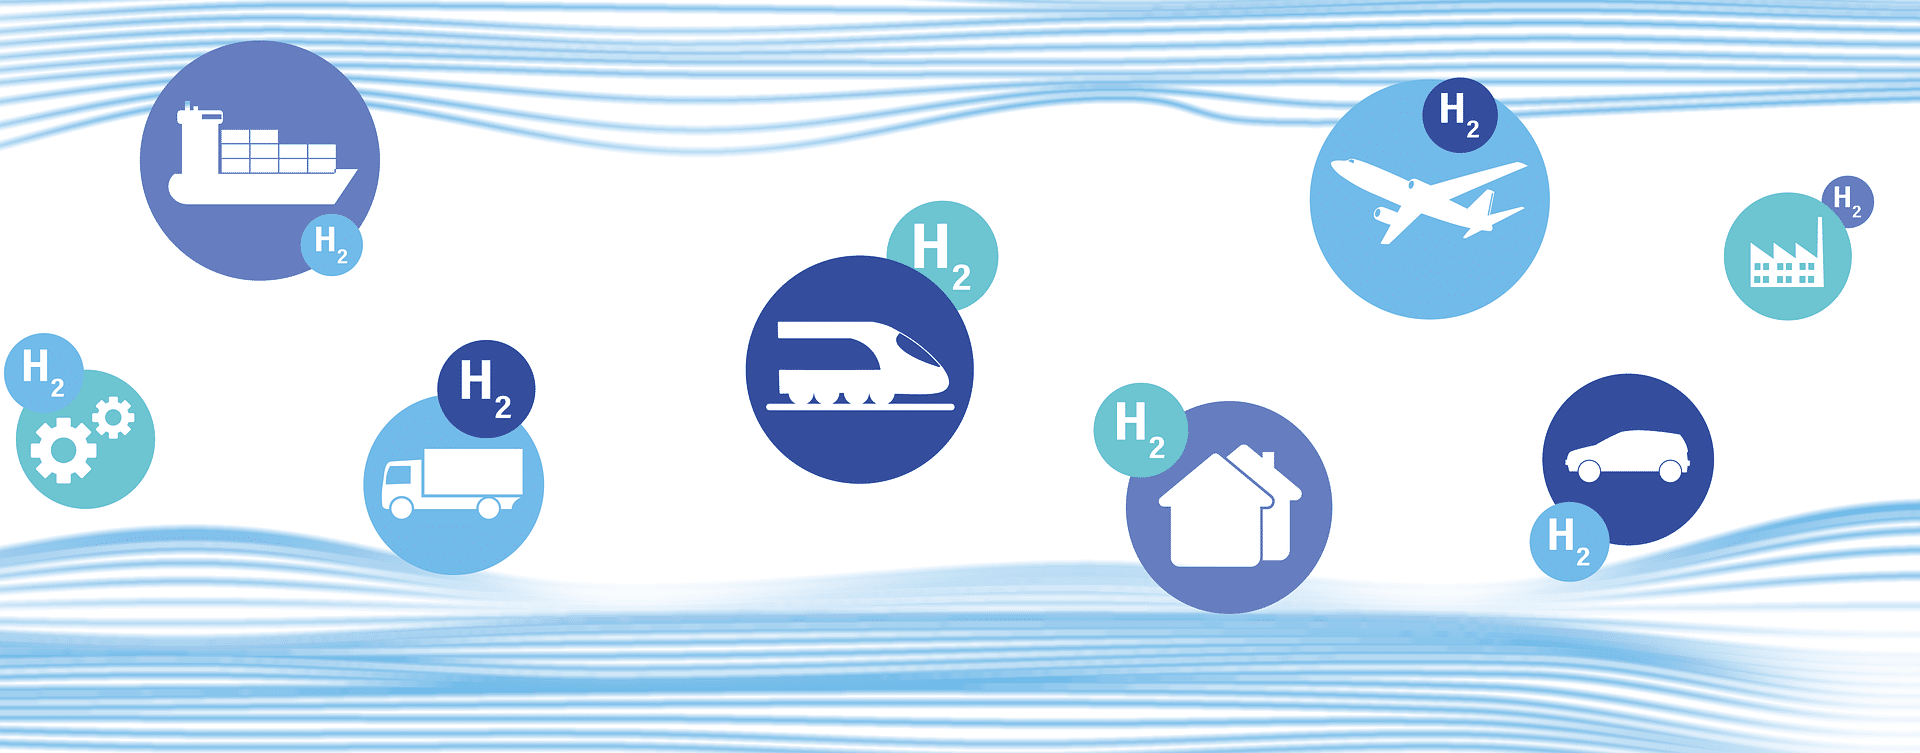 auto, idrogeno, mobilità, celle a combustibile, FCEV, HICEV, veicoli, H2, CO2, Energy Close-Up Engineering